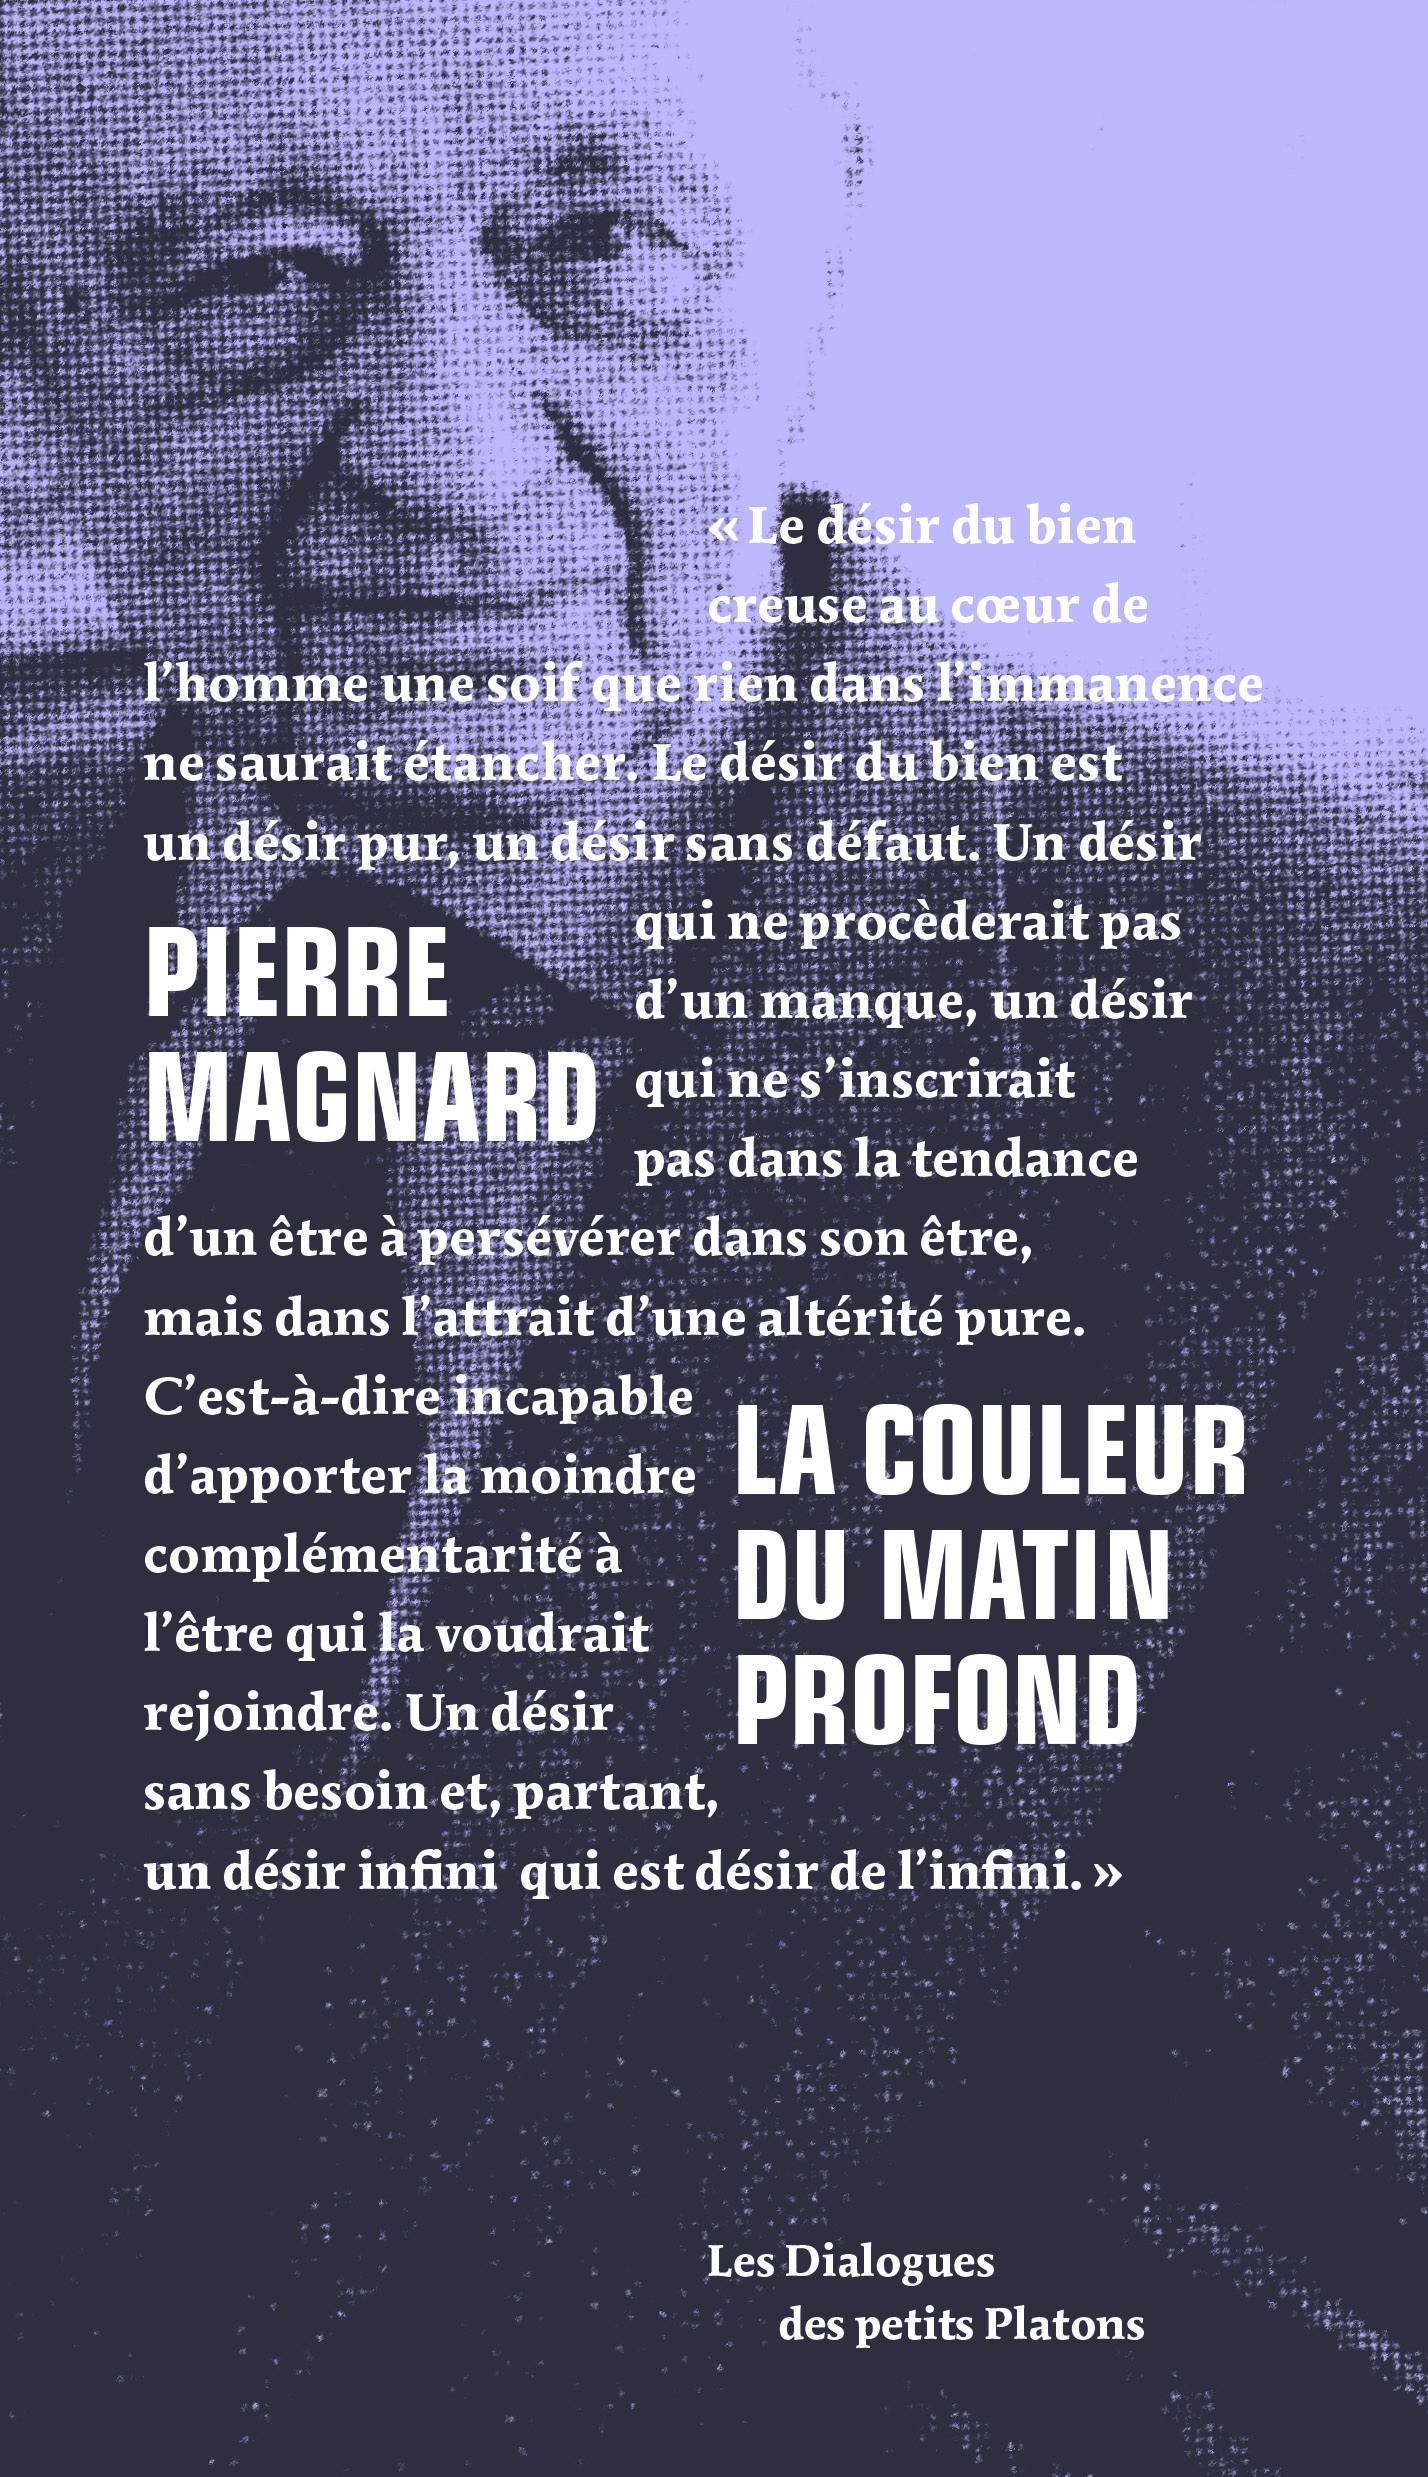 magnard_la_couleur_du_matin_profond.jpg